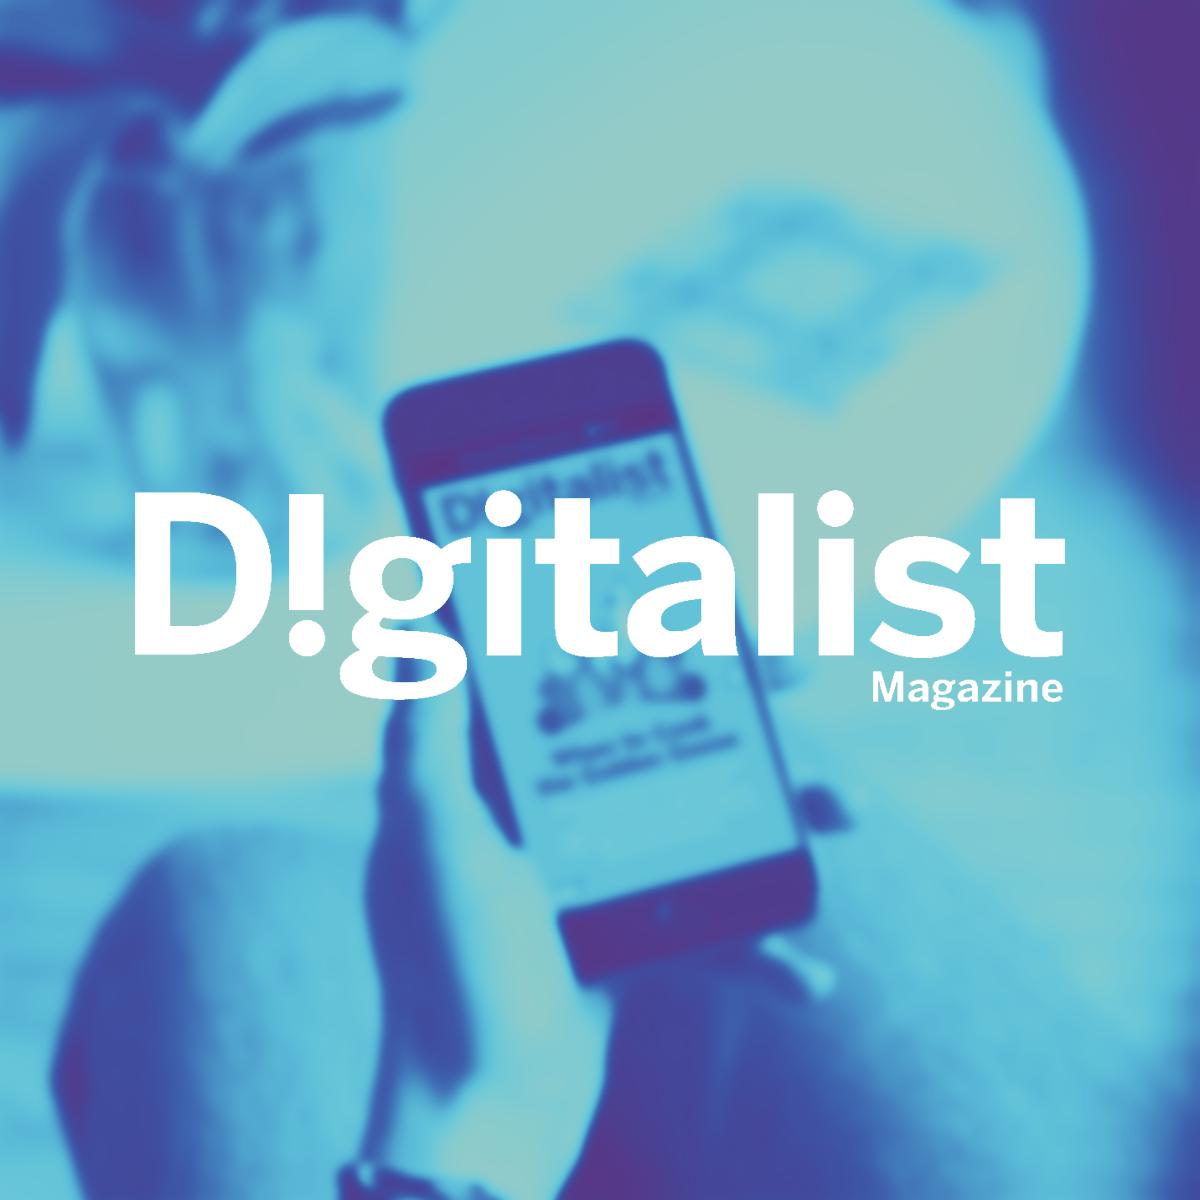 Digitalist Magazine - Editorial Design / Mobile